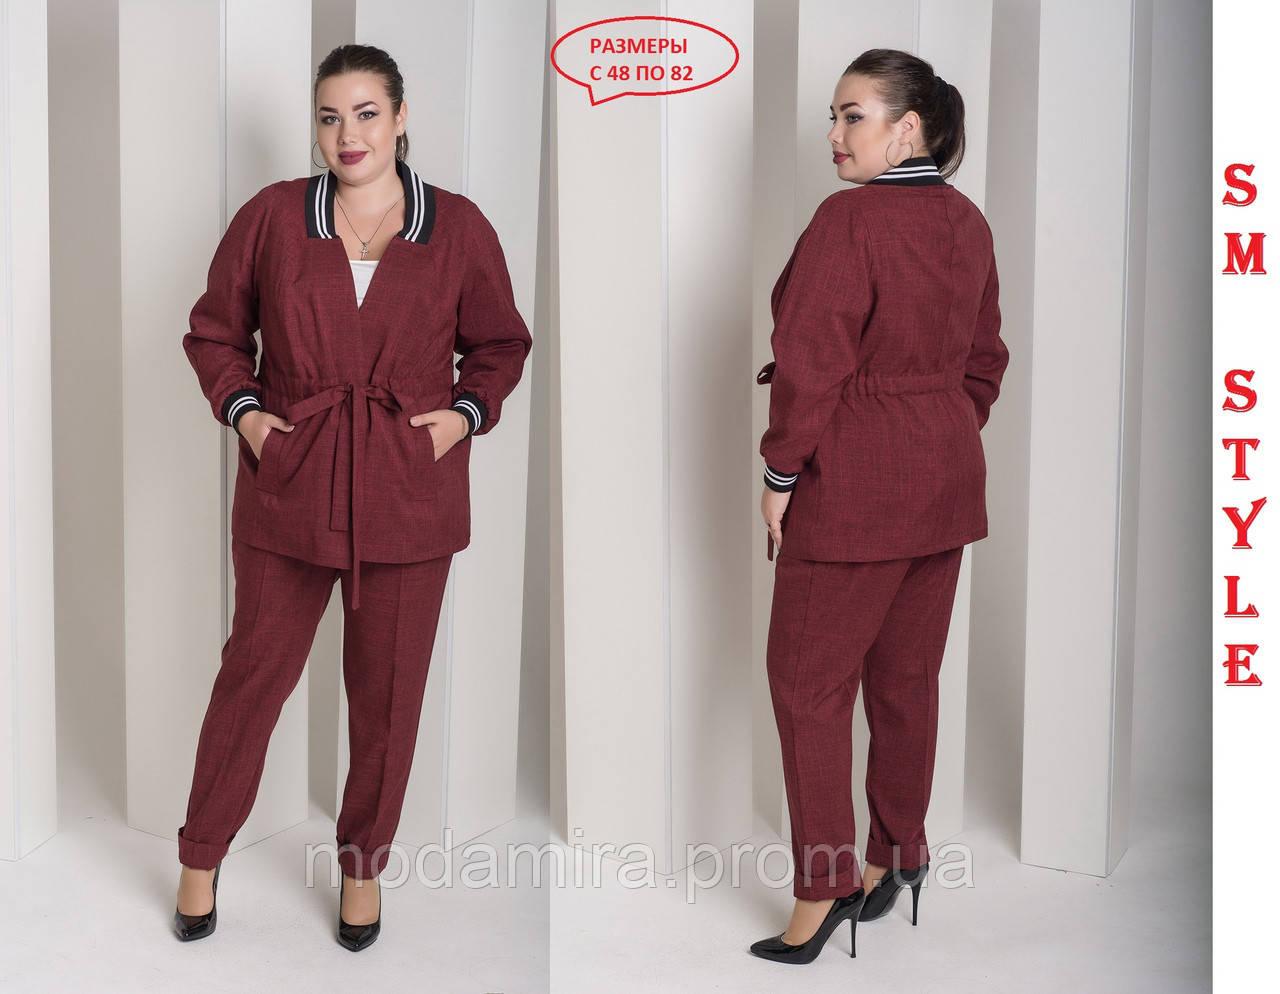 b1318c5d67c Женский брючный костюм из лена